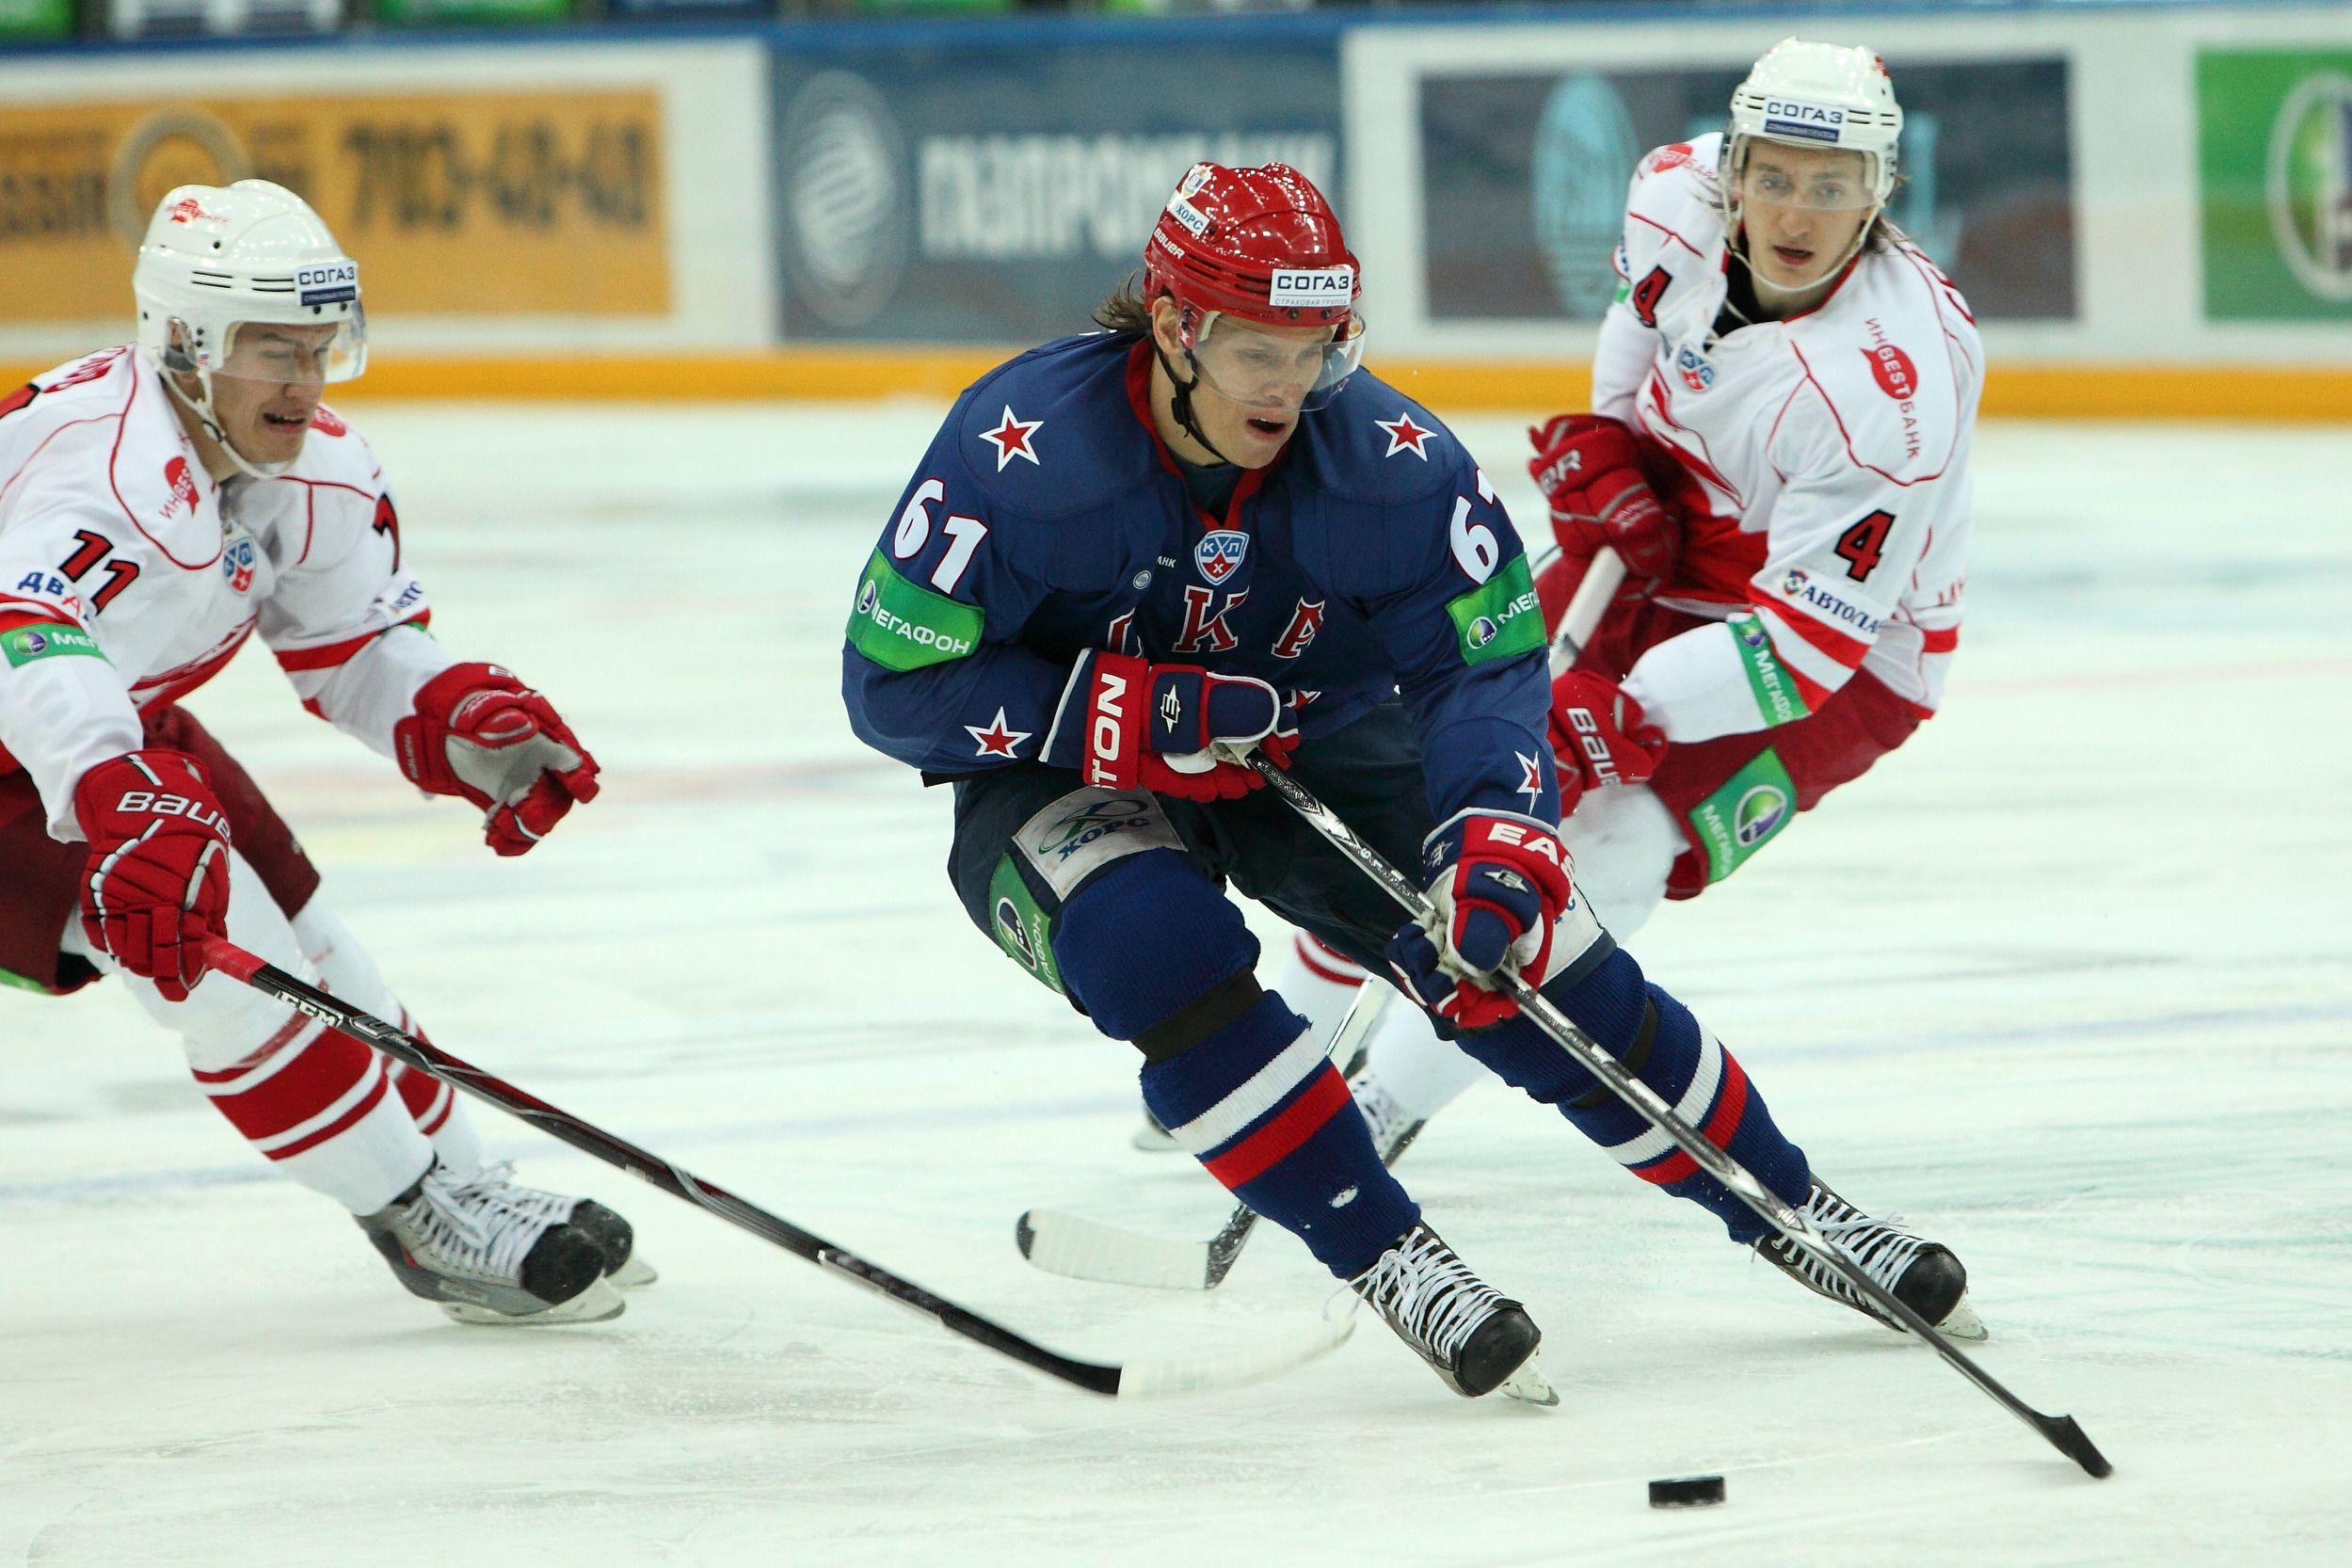 Лукашенко: Мы готовы организовать ЧМ по хоккею хоть завтра